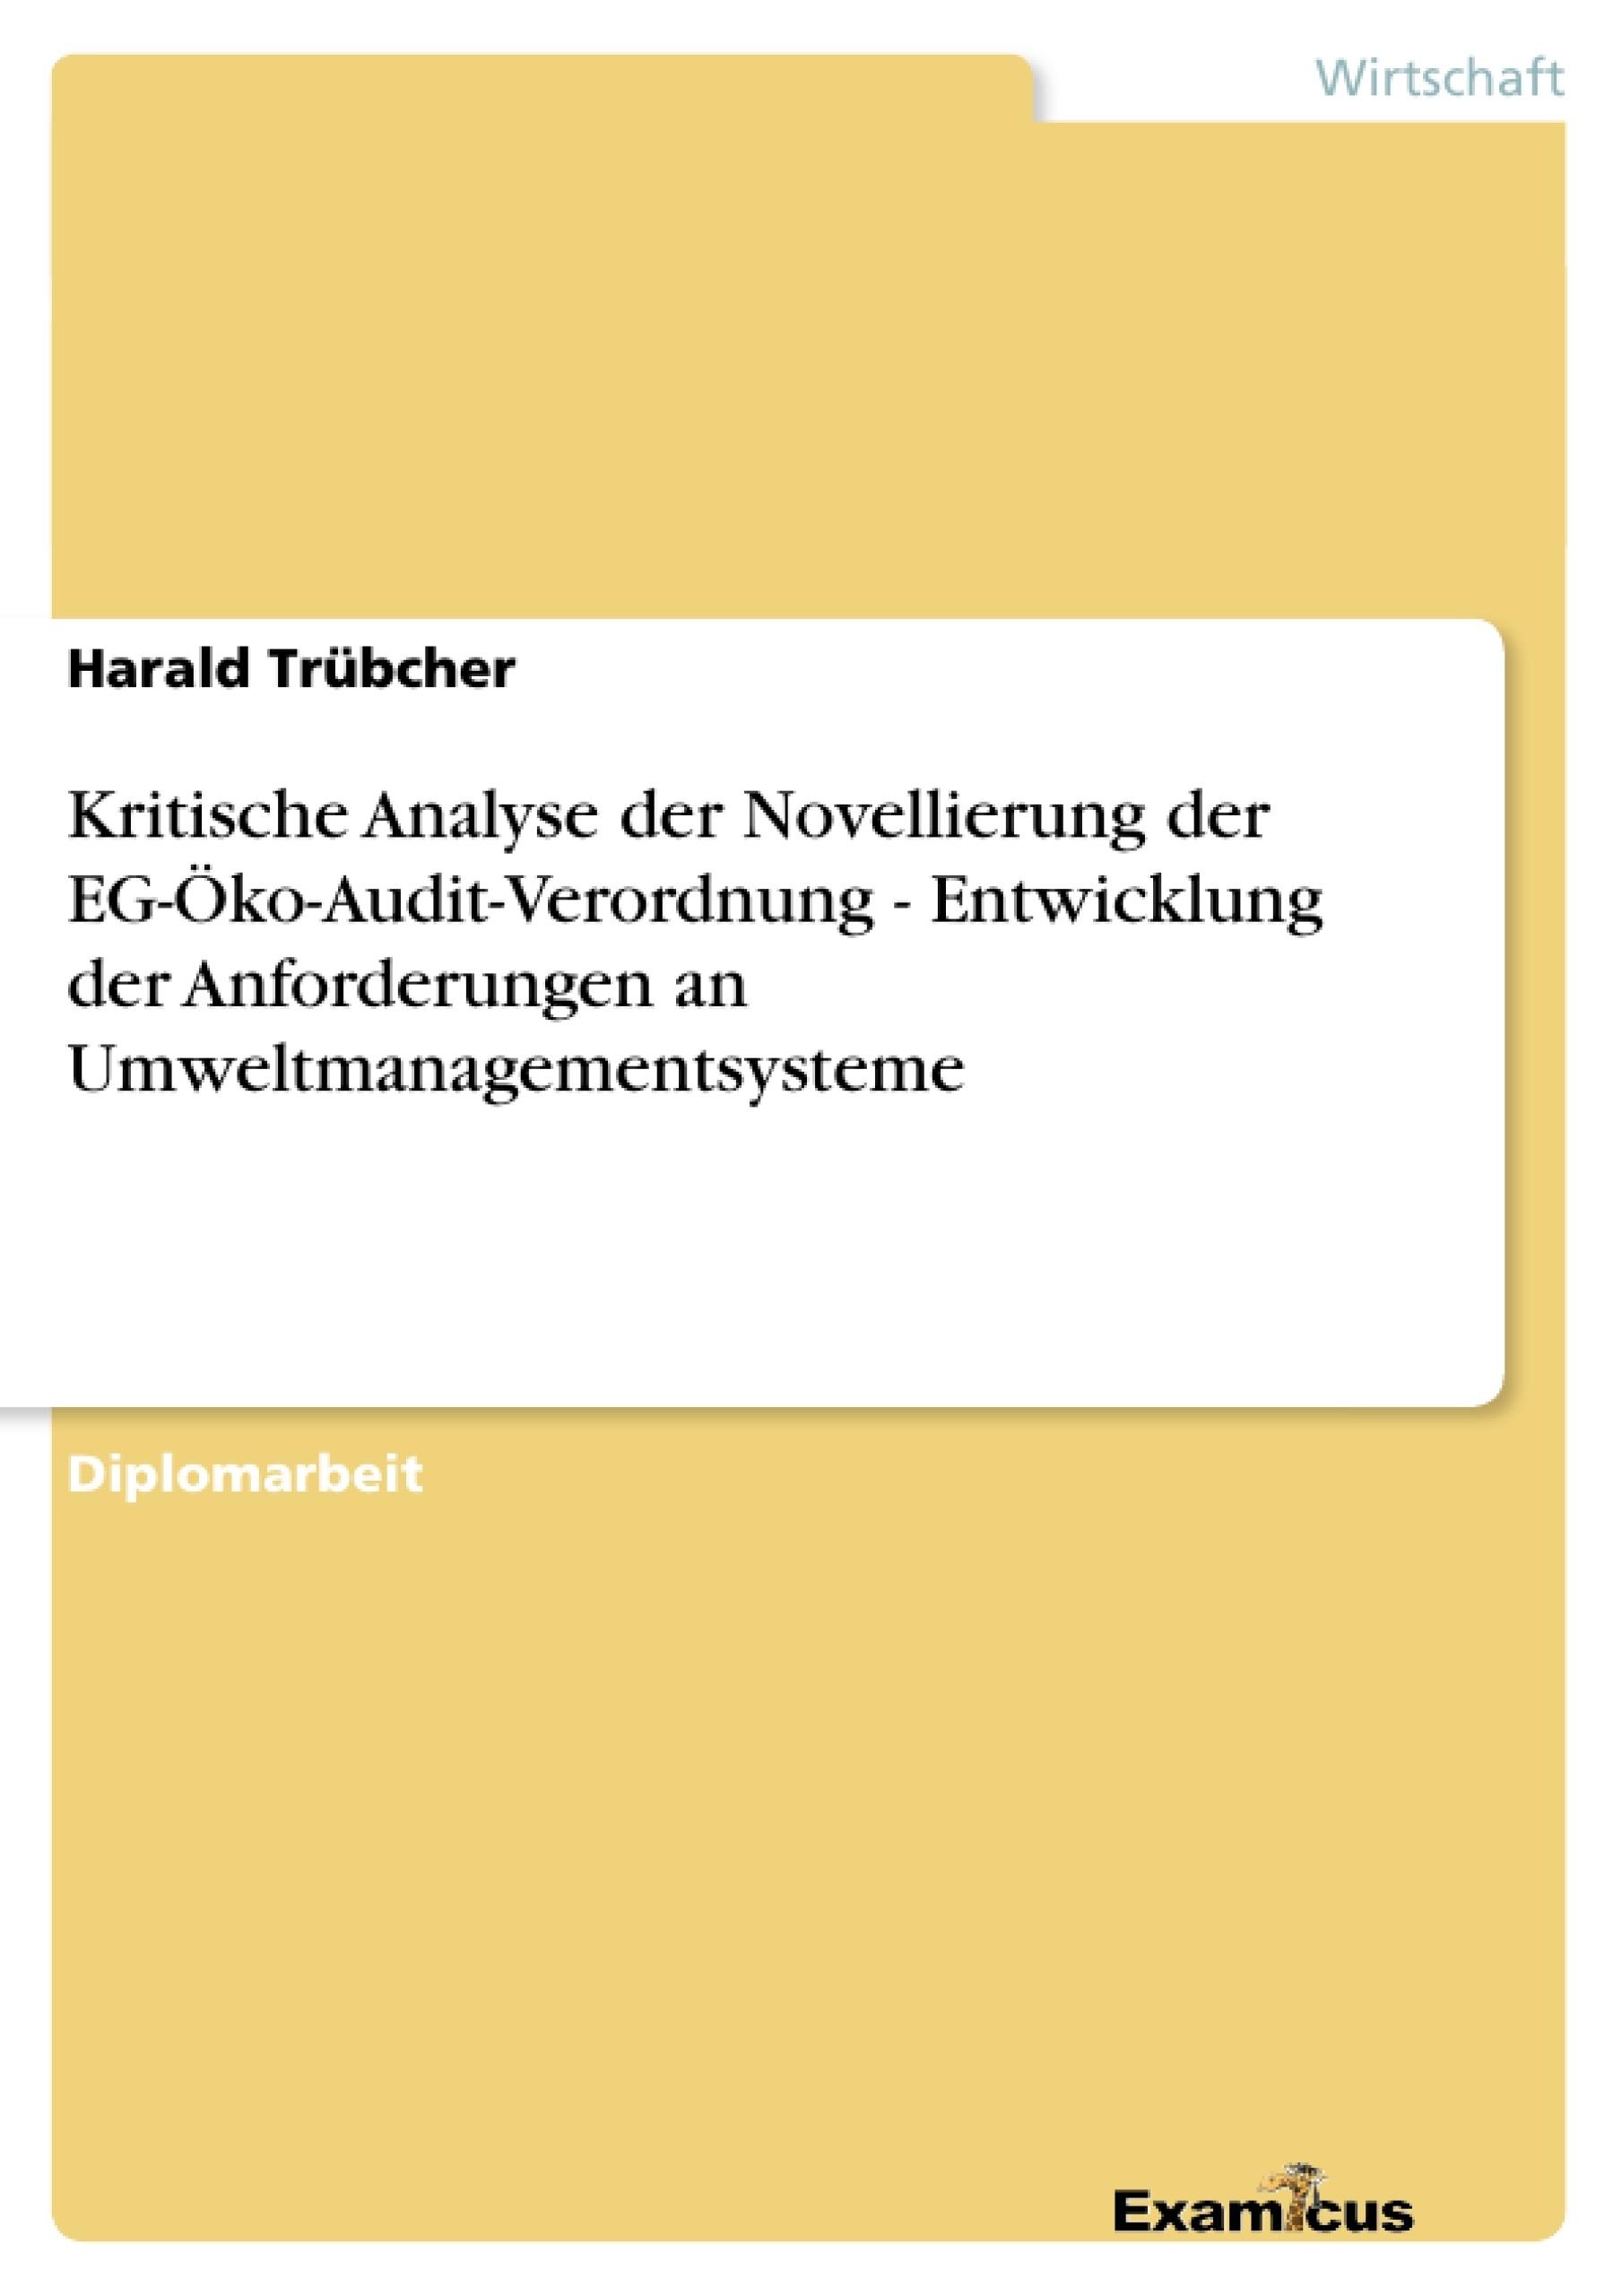 Titel: Kritische Analyse der Novellierung der EG-Öko-Audit-Verordnung - Entwicklung der Anforderungen an Umweltmanagementsysteme